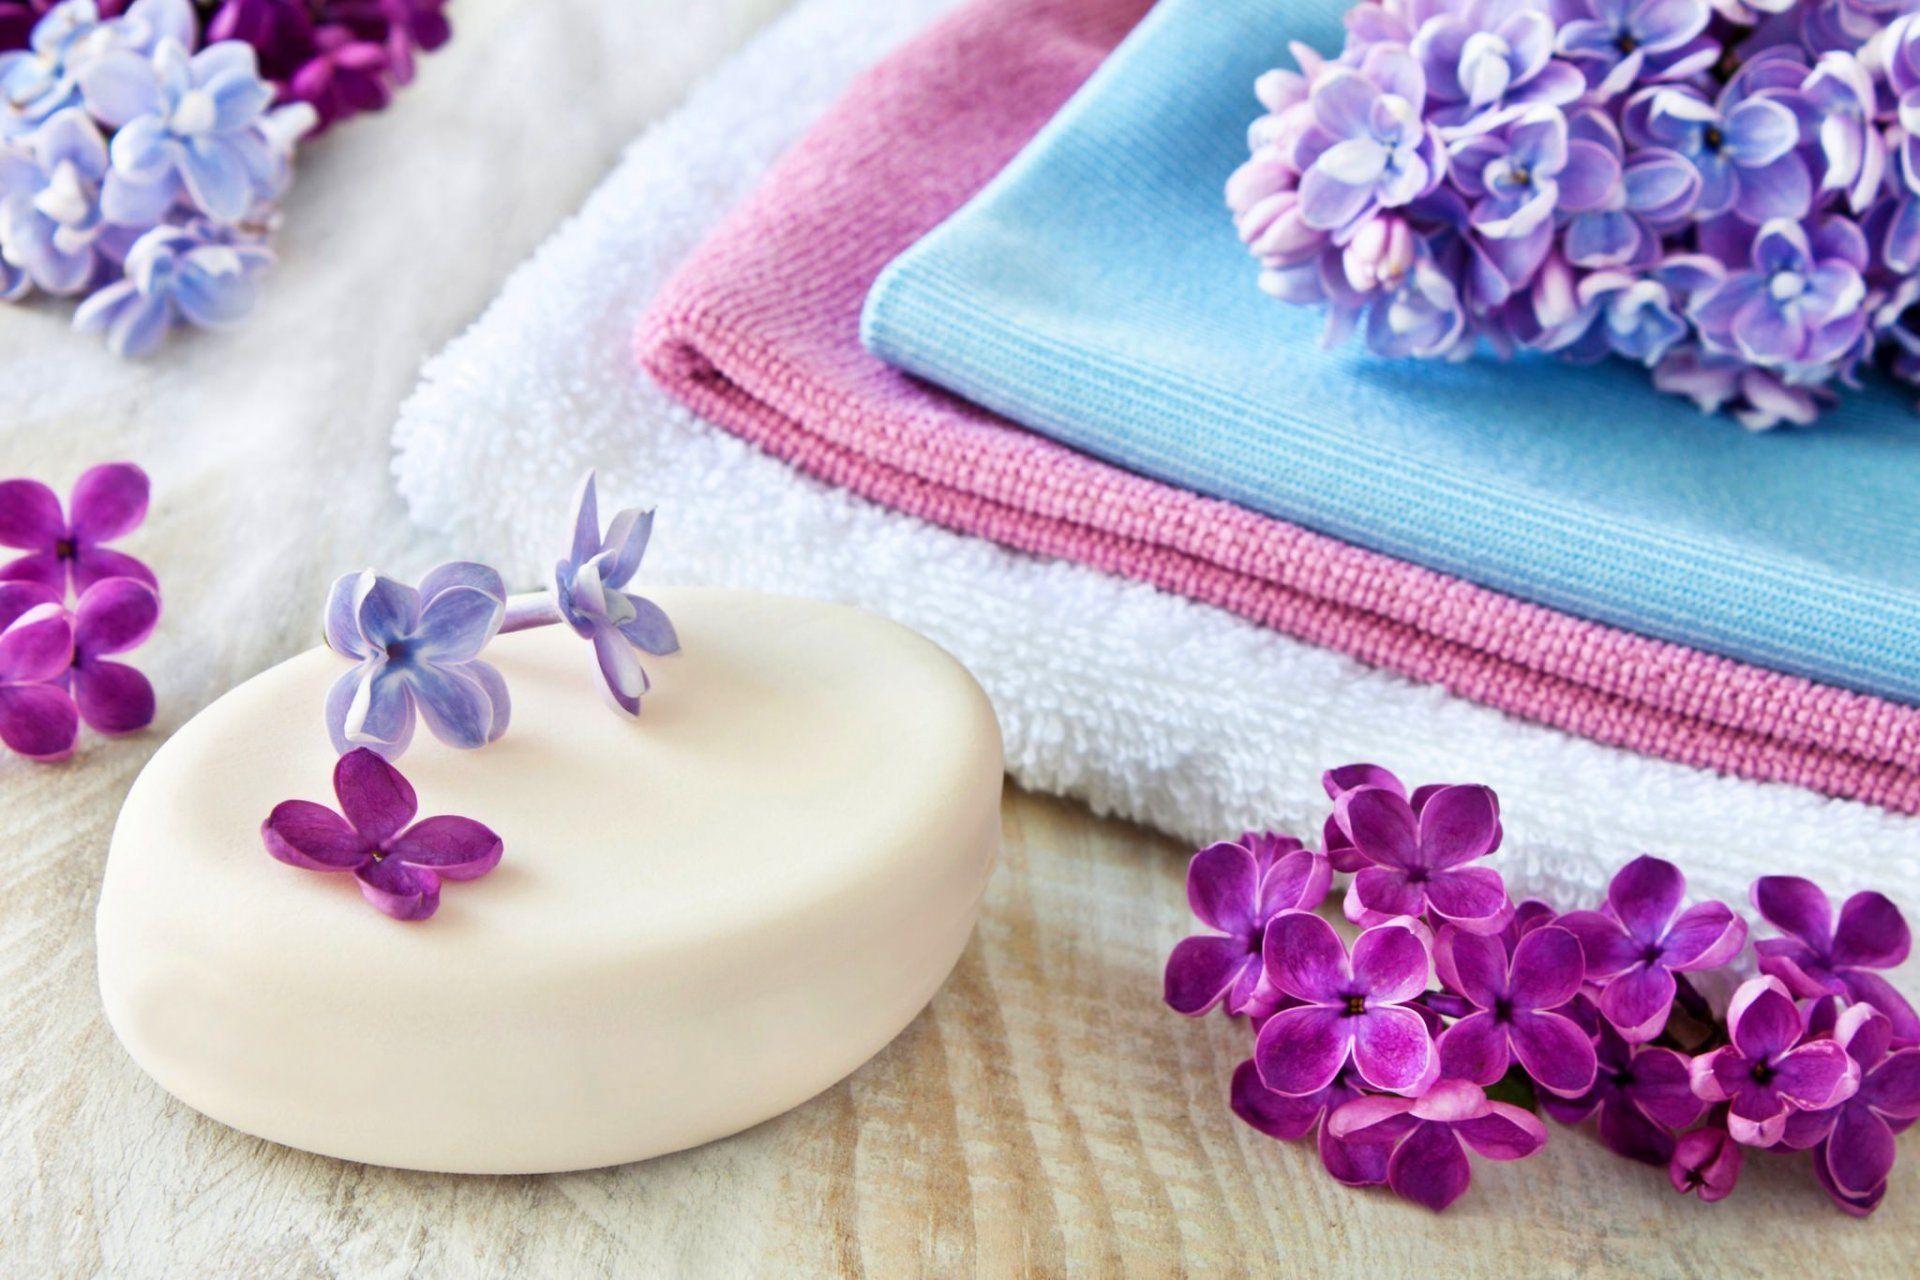 کدام صابون تاثیر بیشتری برای حذف ویروس کرونا دارد؟